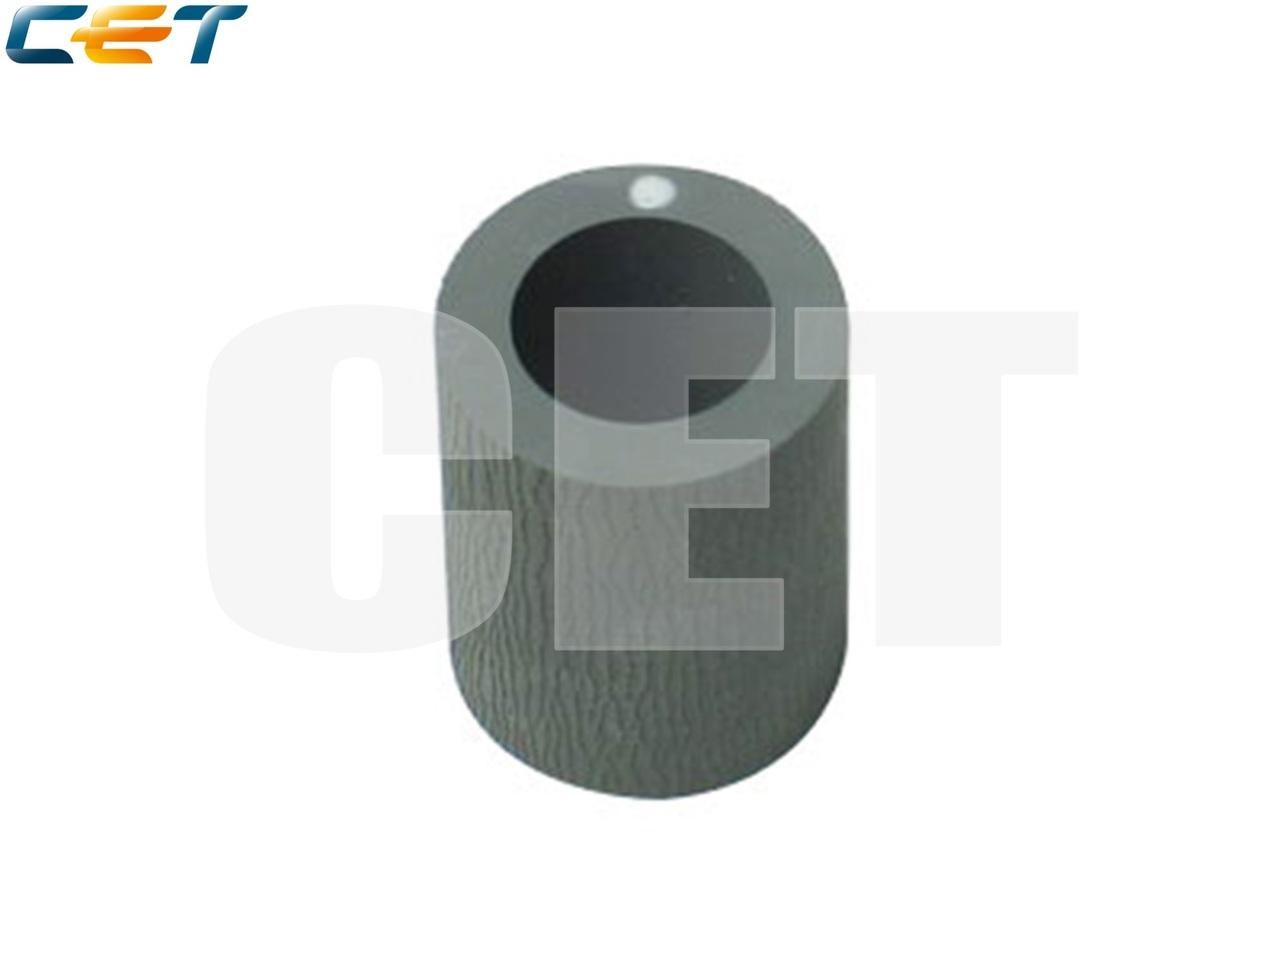 Резинка ролика подхвата обходного лотка 4402038460 дляTOSHIBA E-Studio 358/458/DP2800/DP3500/DP4500 (CET),CET7517